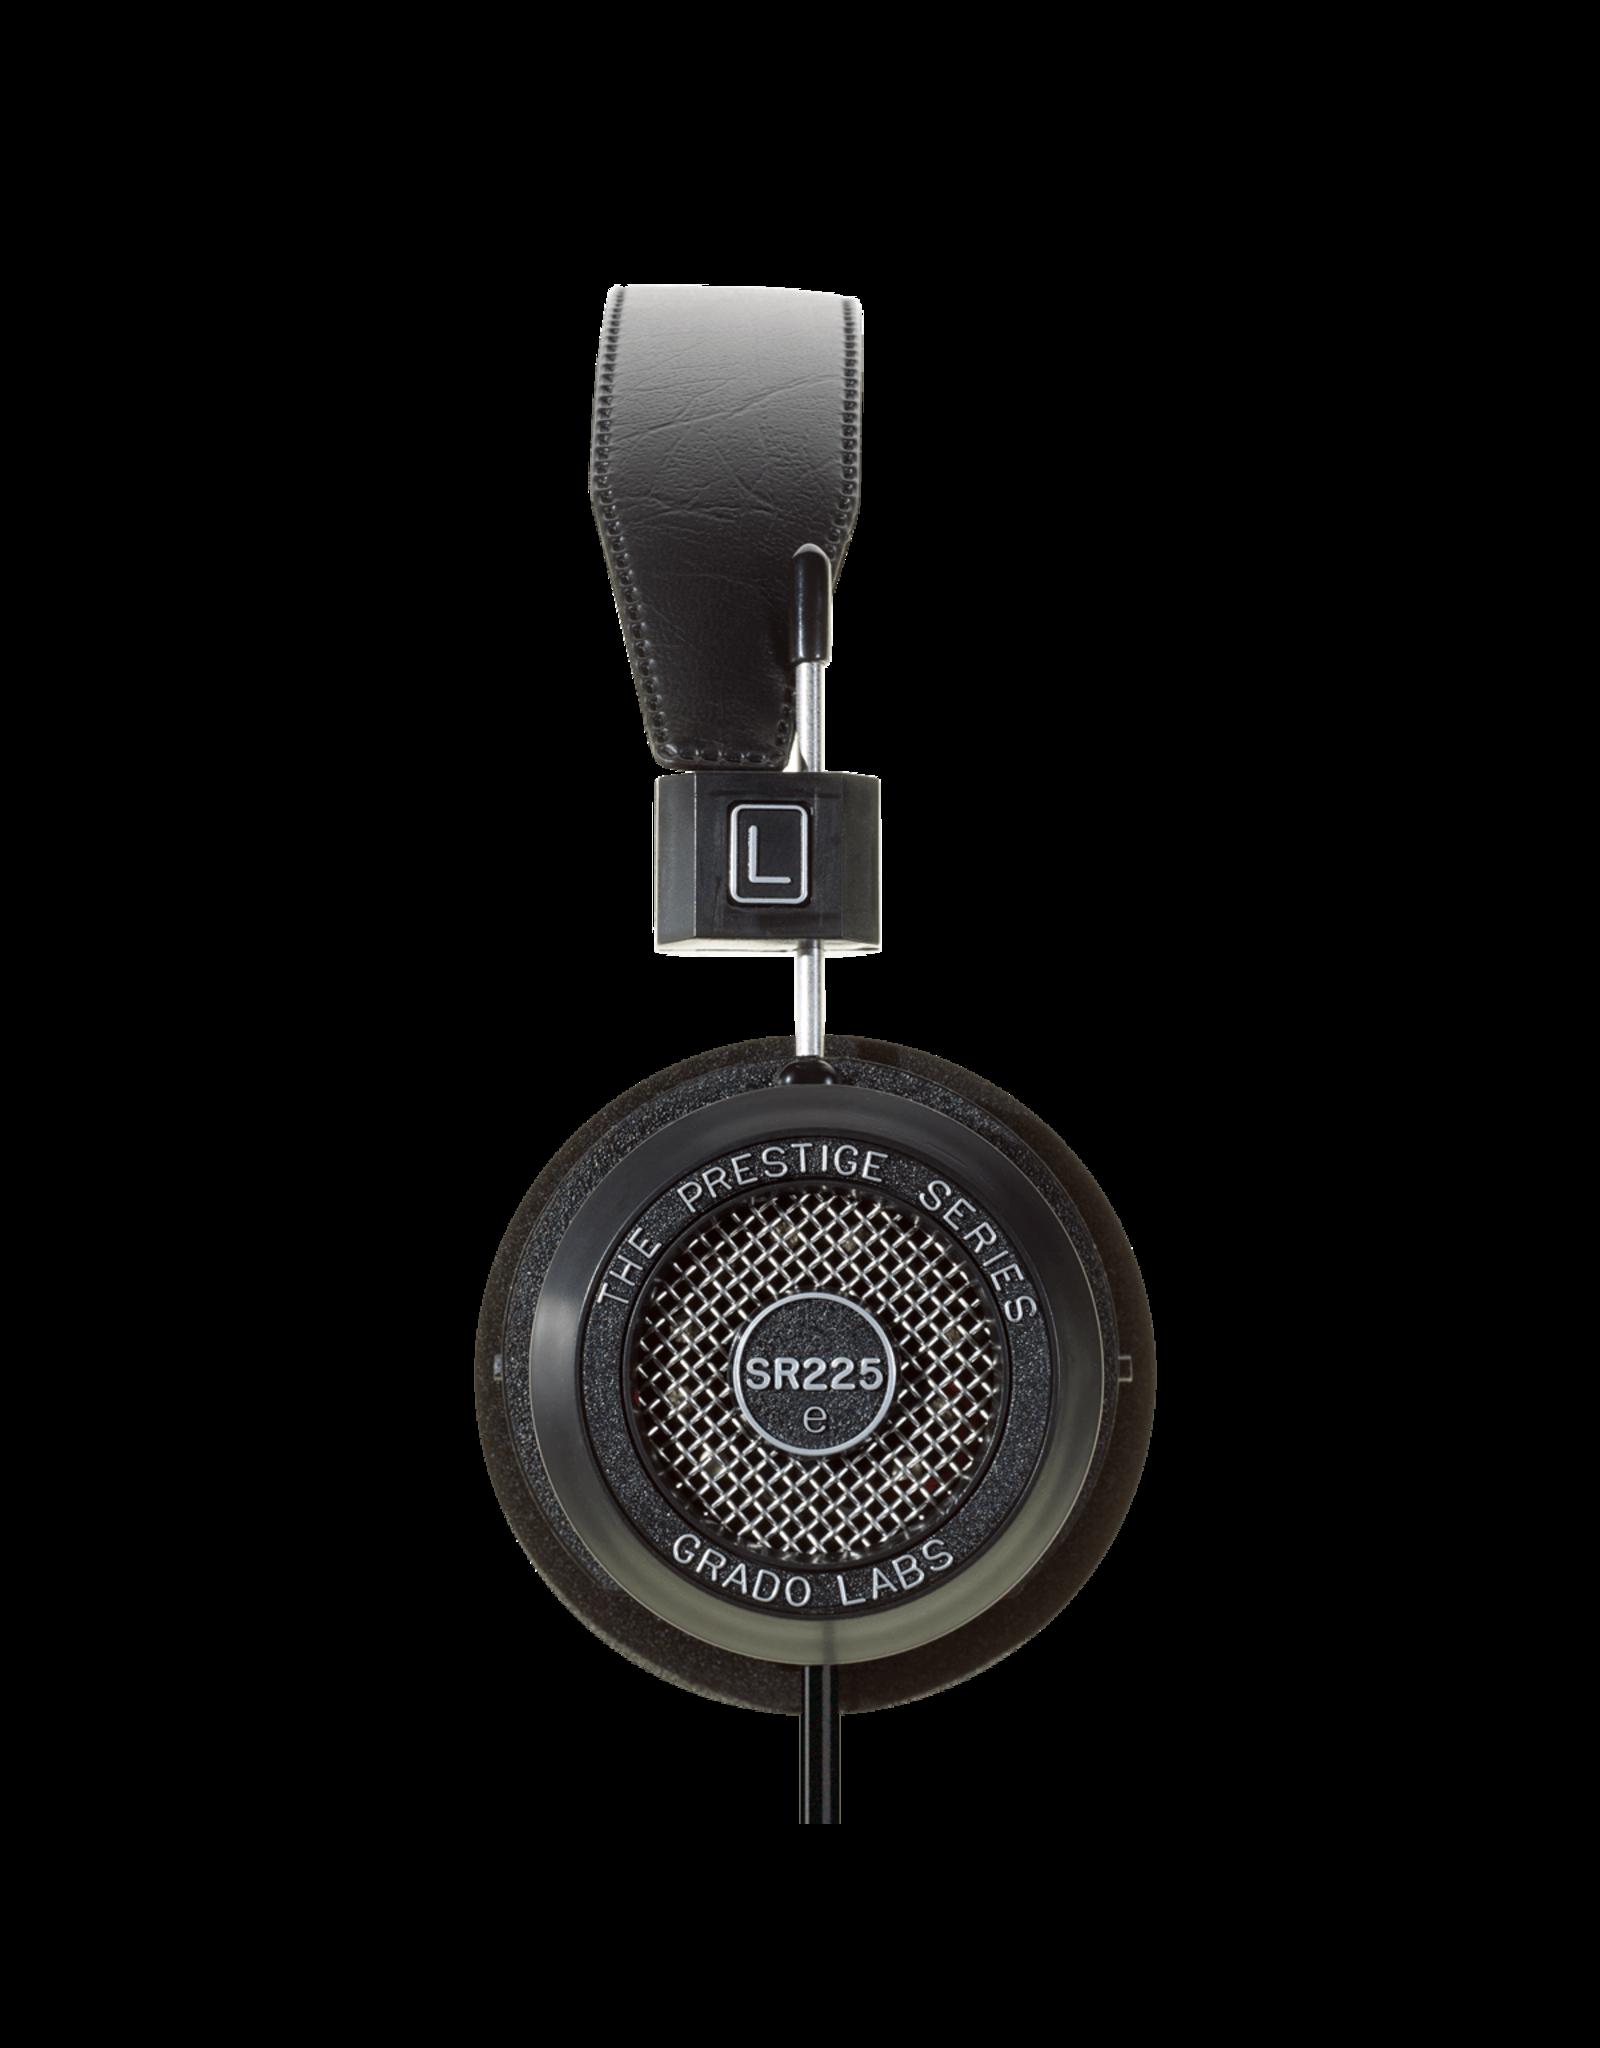 Grado Labs Grado Prestige SR225e Headphones